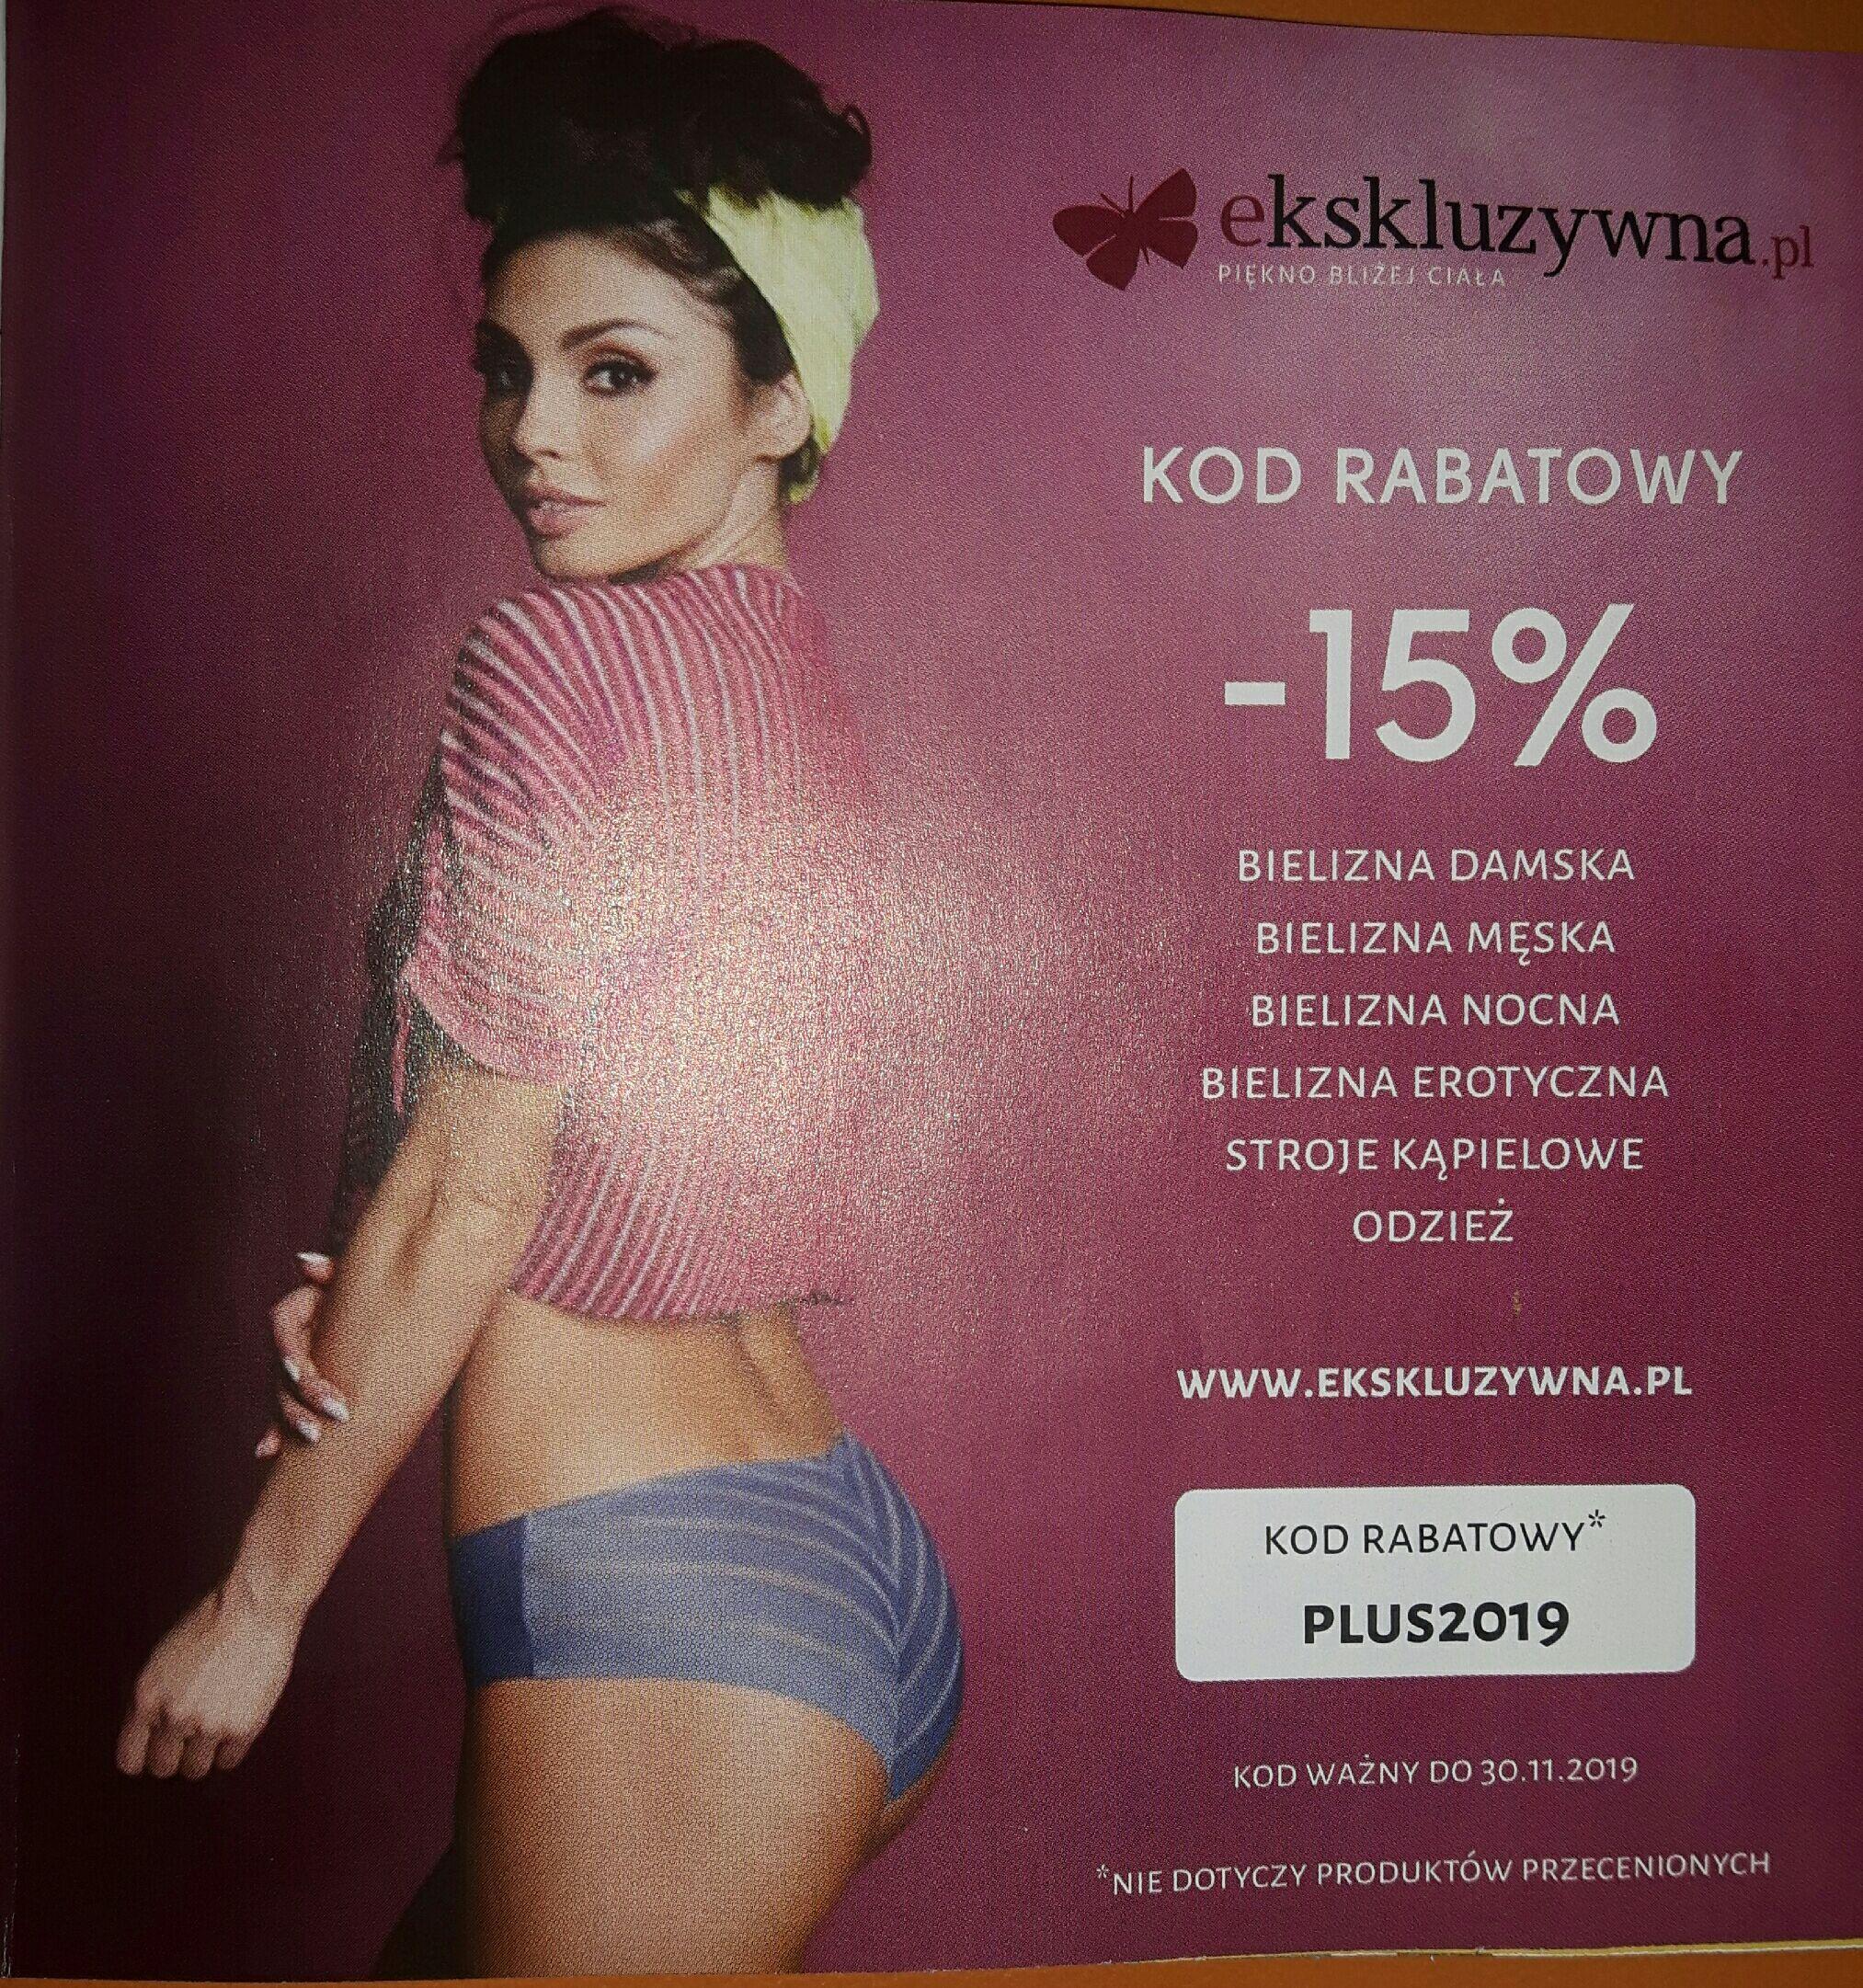 Kod -15% na zakupy w sklepie www ekskluzywna.pl